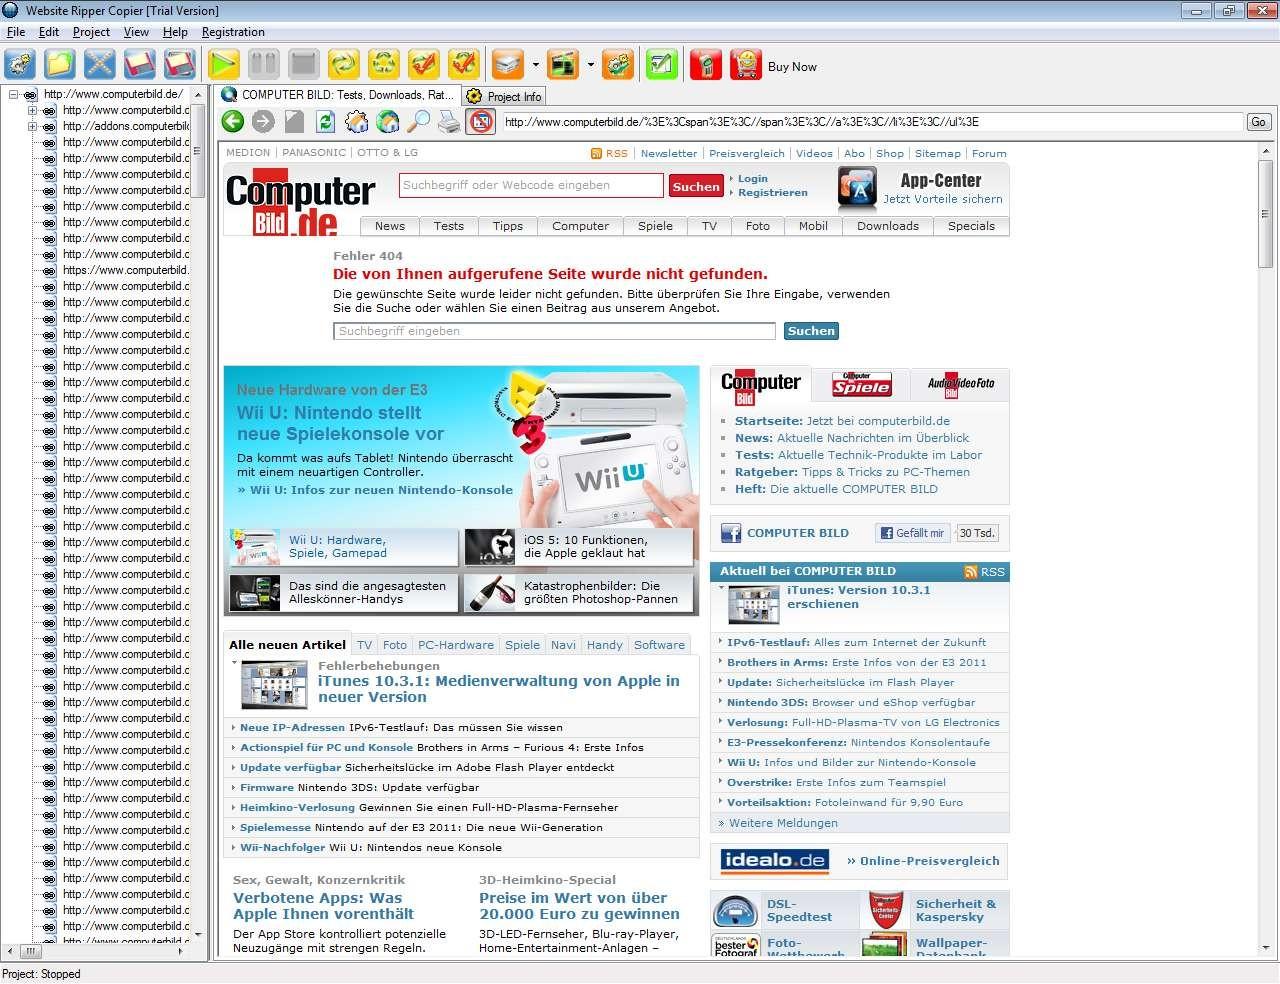 Screenshot 1 - Website Ripper Copier